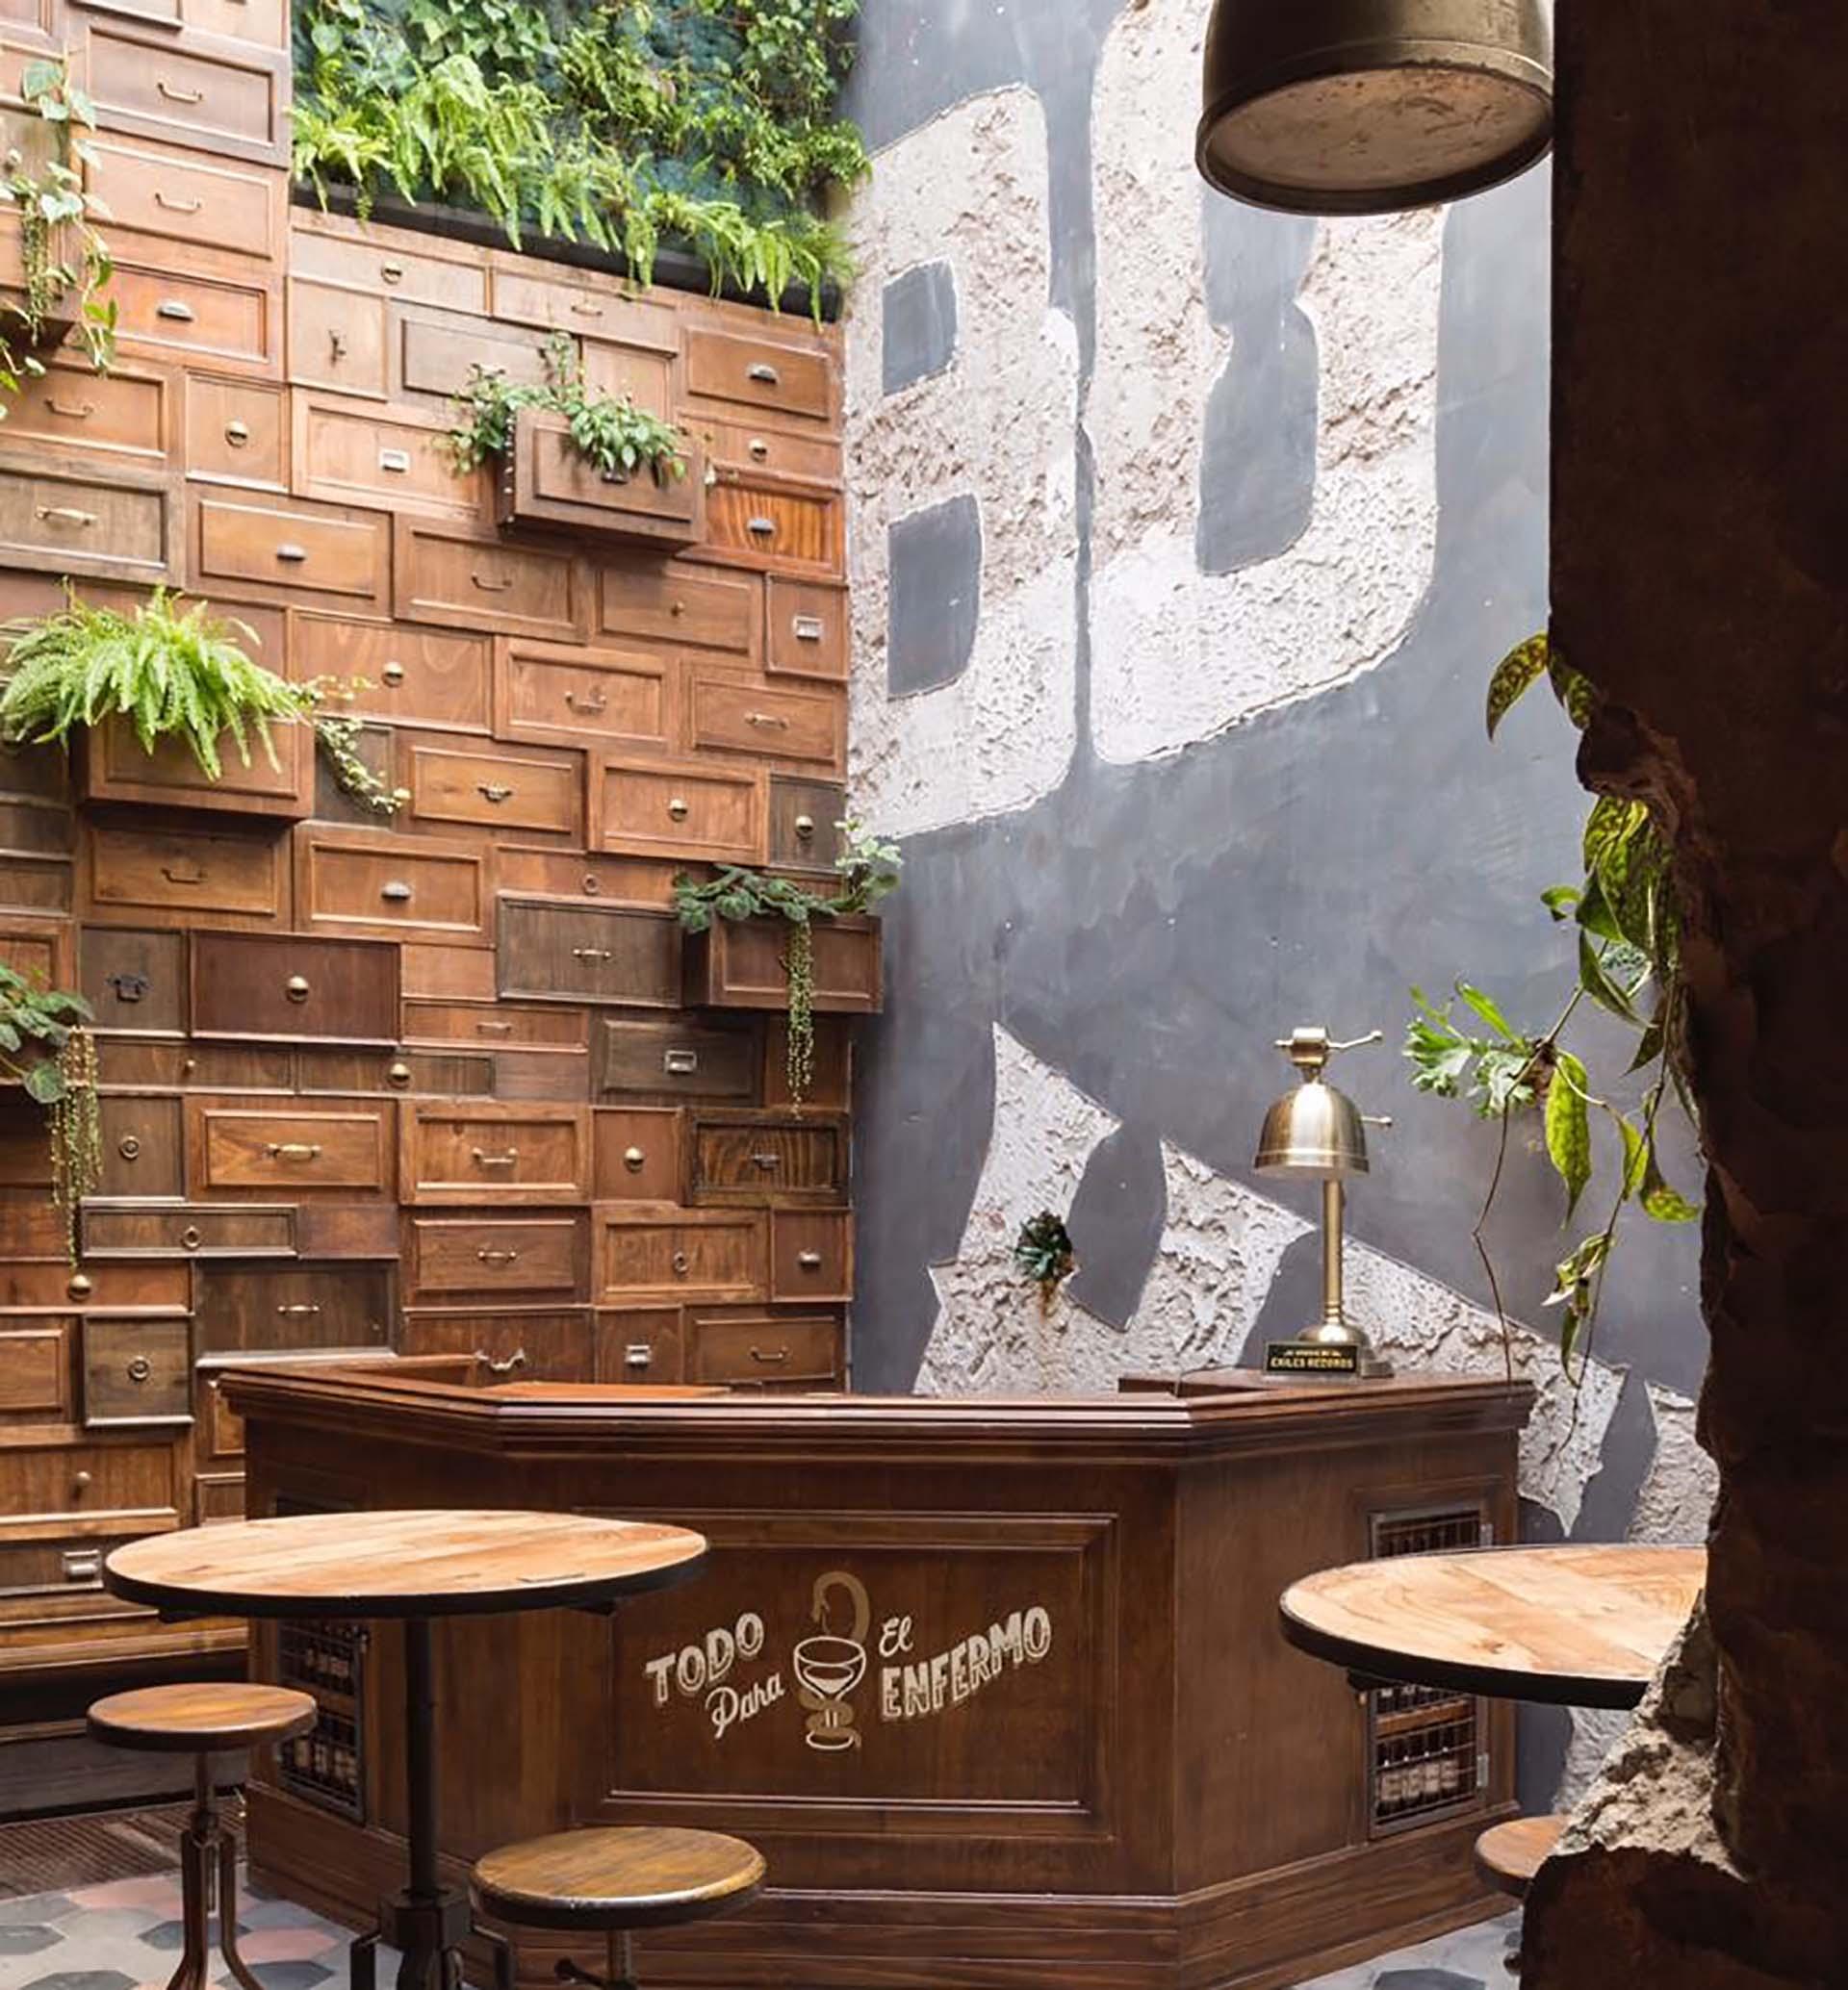 Boticario bar, en Palermo, es una de las obras de mayor repercusión de la carrera de Lucas Ripani. Fiel a su estilo, tiene muchísimos detalles artesanales con elementos reales que recrean una farmacia